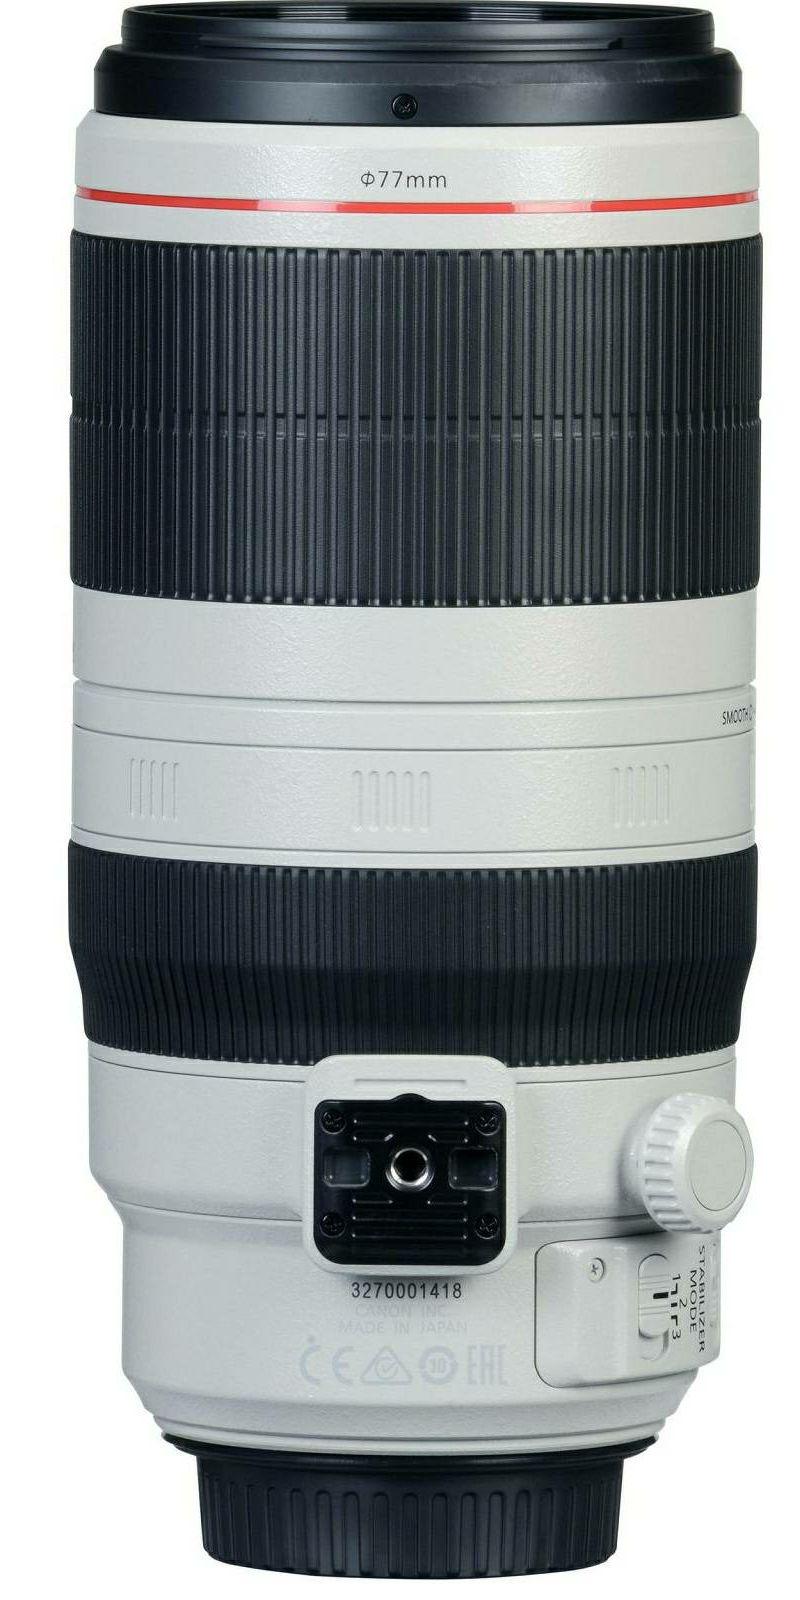 Canon EF 100-400mm f/4.5-5.6L IS II USM telefoto objektiv zoom lens 100-400 4.5-5.6 L (9524B005AA)